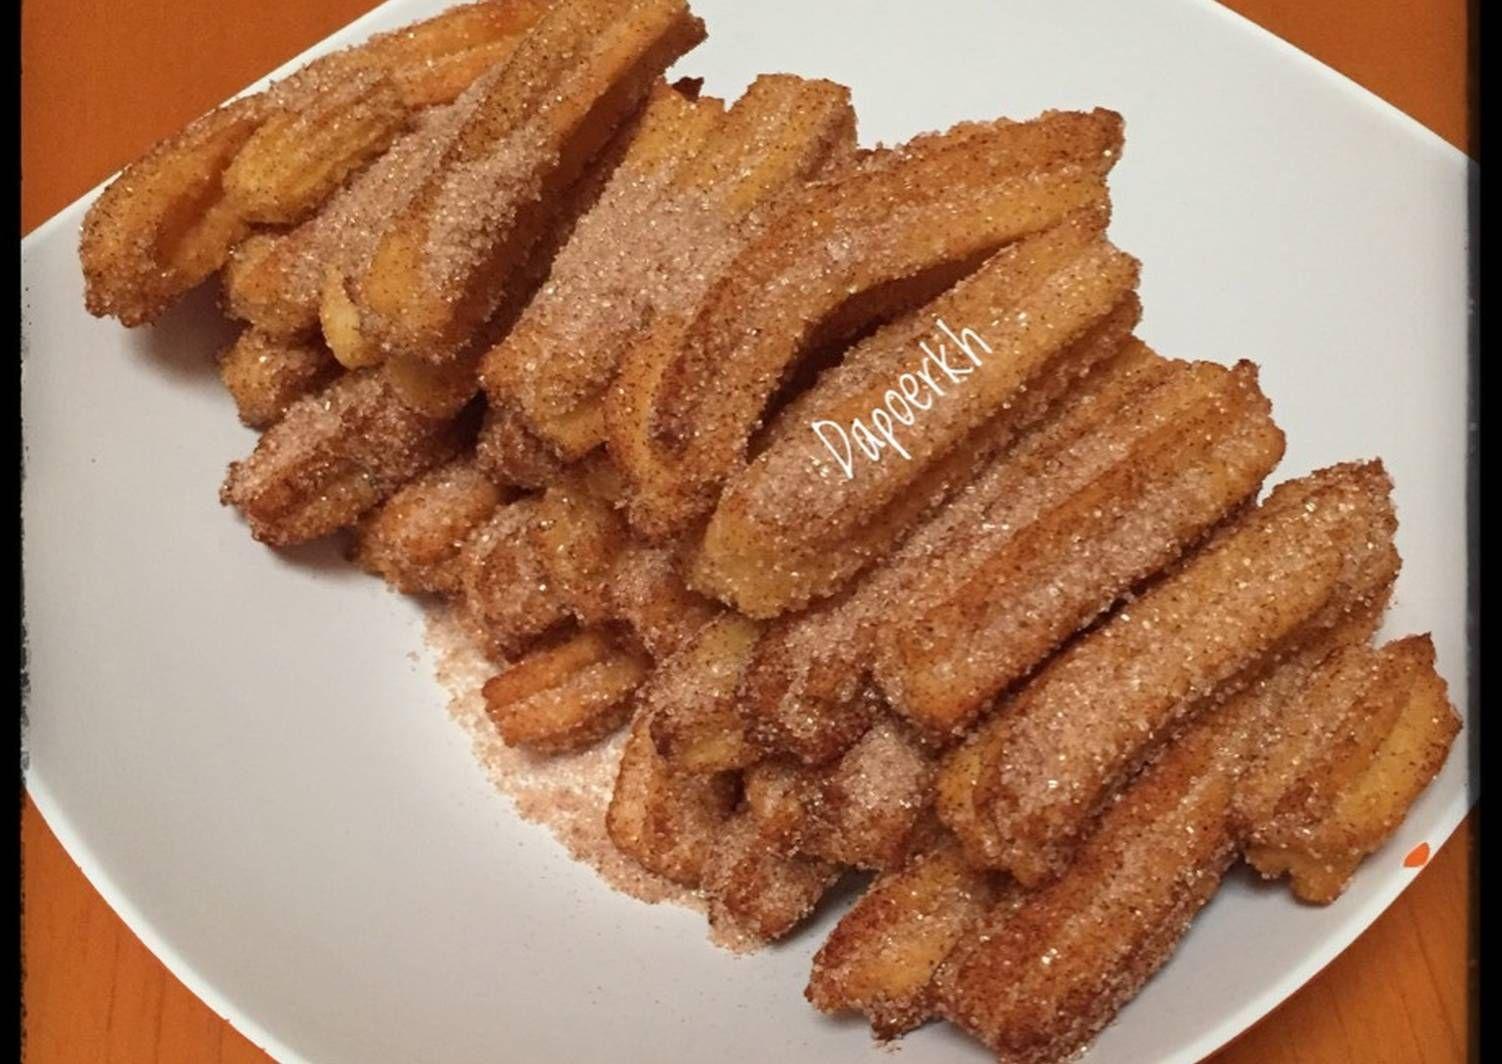 Resep Churros Cheese Cinnamon Postingrame2 Gorengan Oleh Kristina Heryawati Resep Resep Makanan Churros Makanan